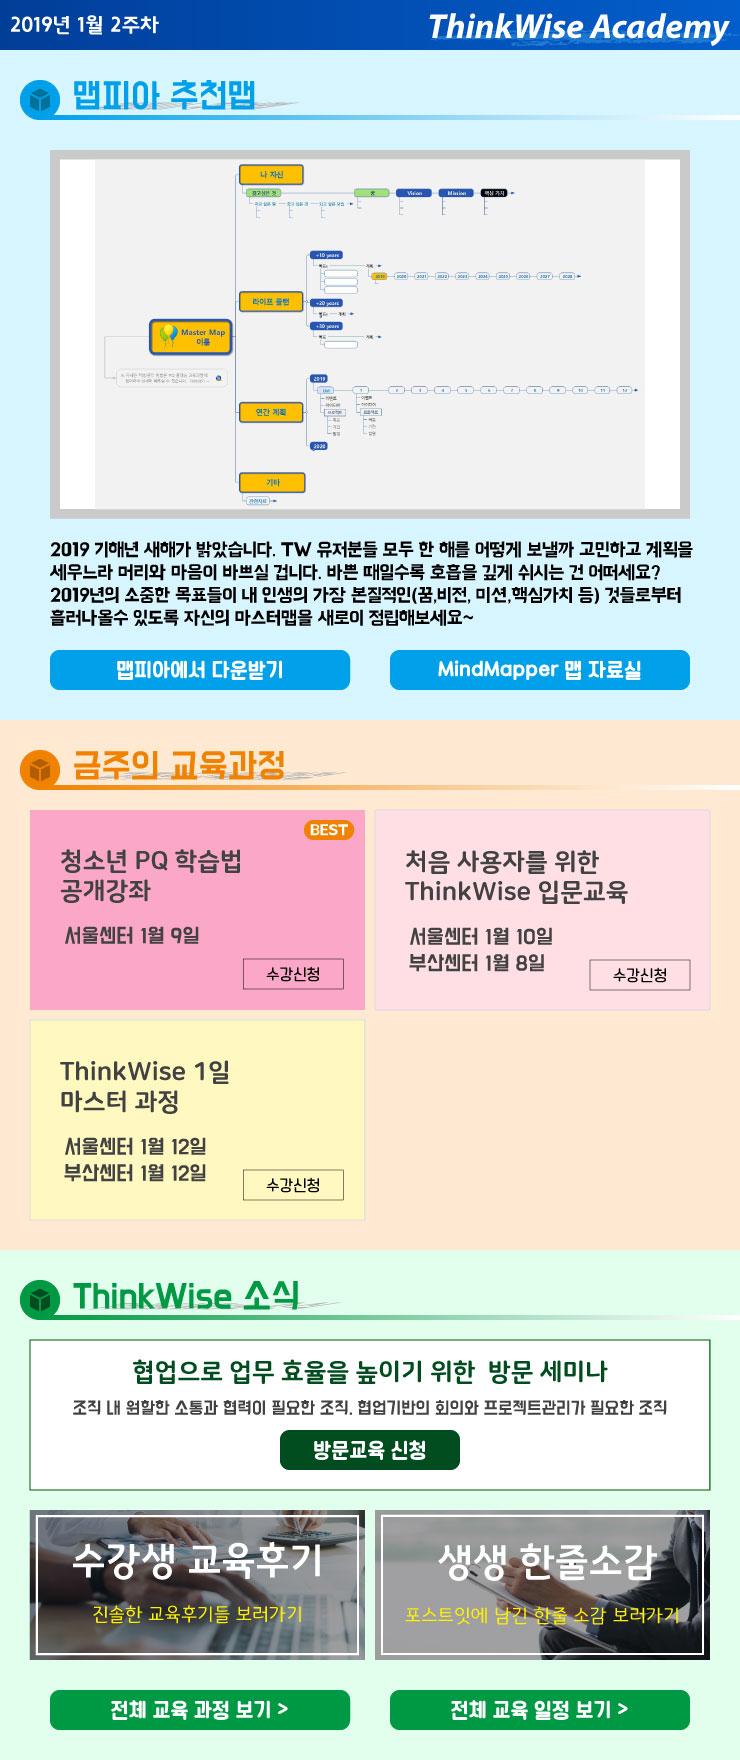 2019년 맵피아 추천맵 & 1월 2주차 교육과정